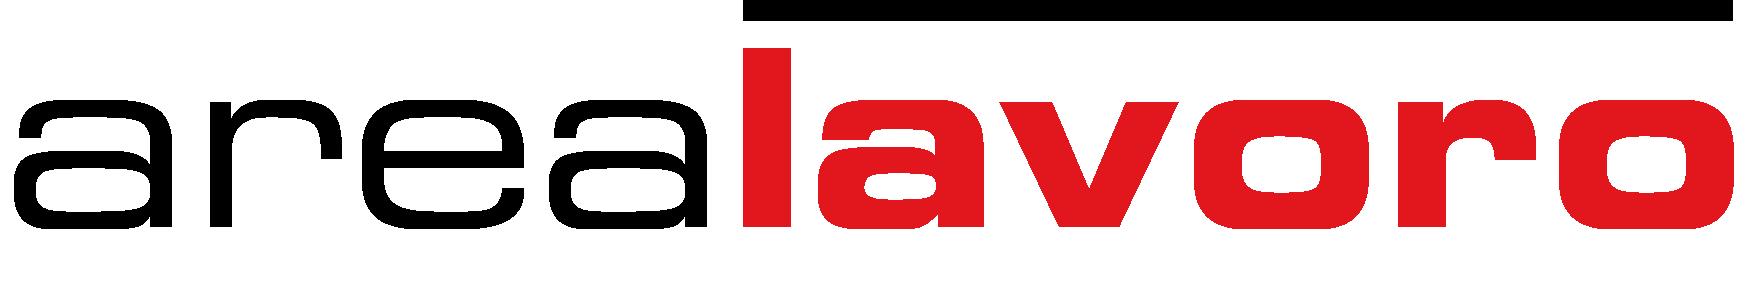 logo-area-lavoro_nero-rosso